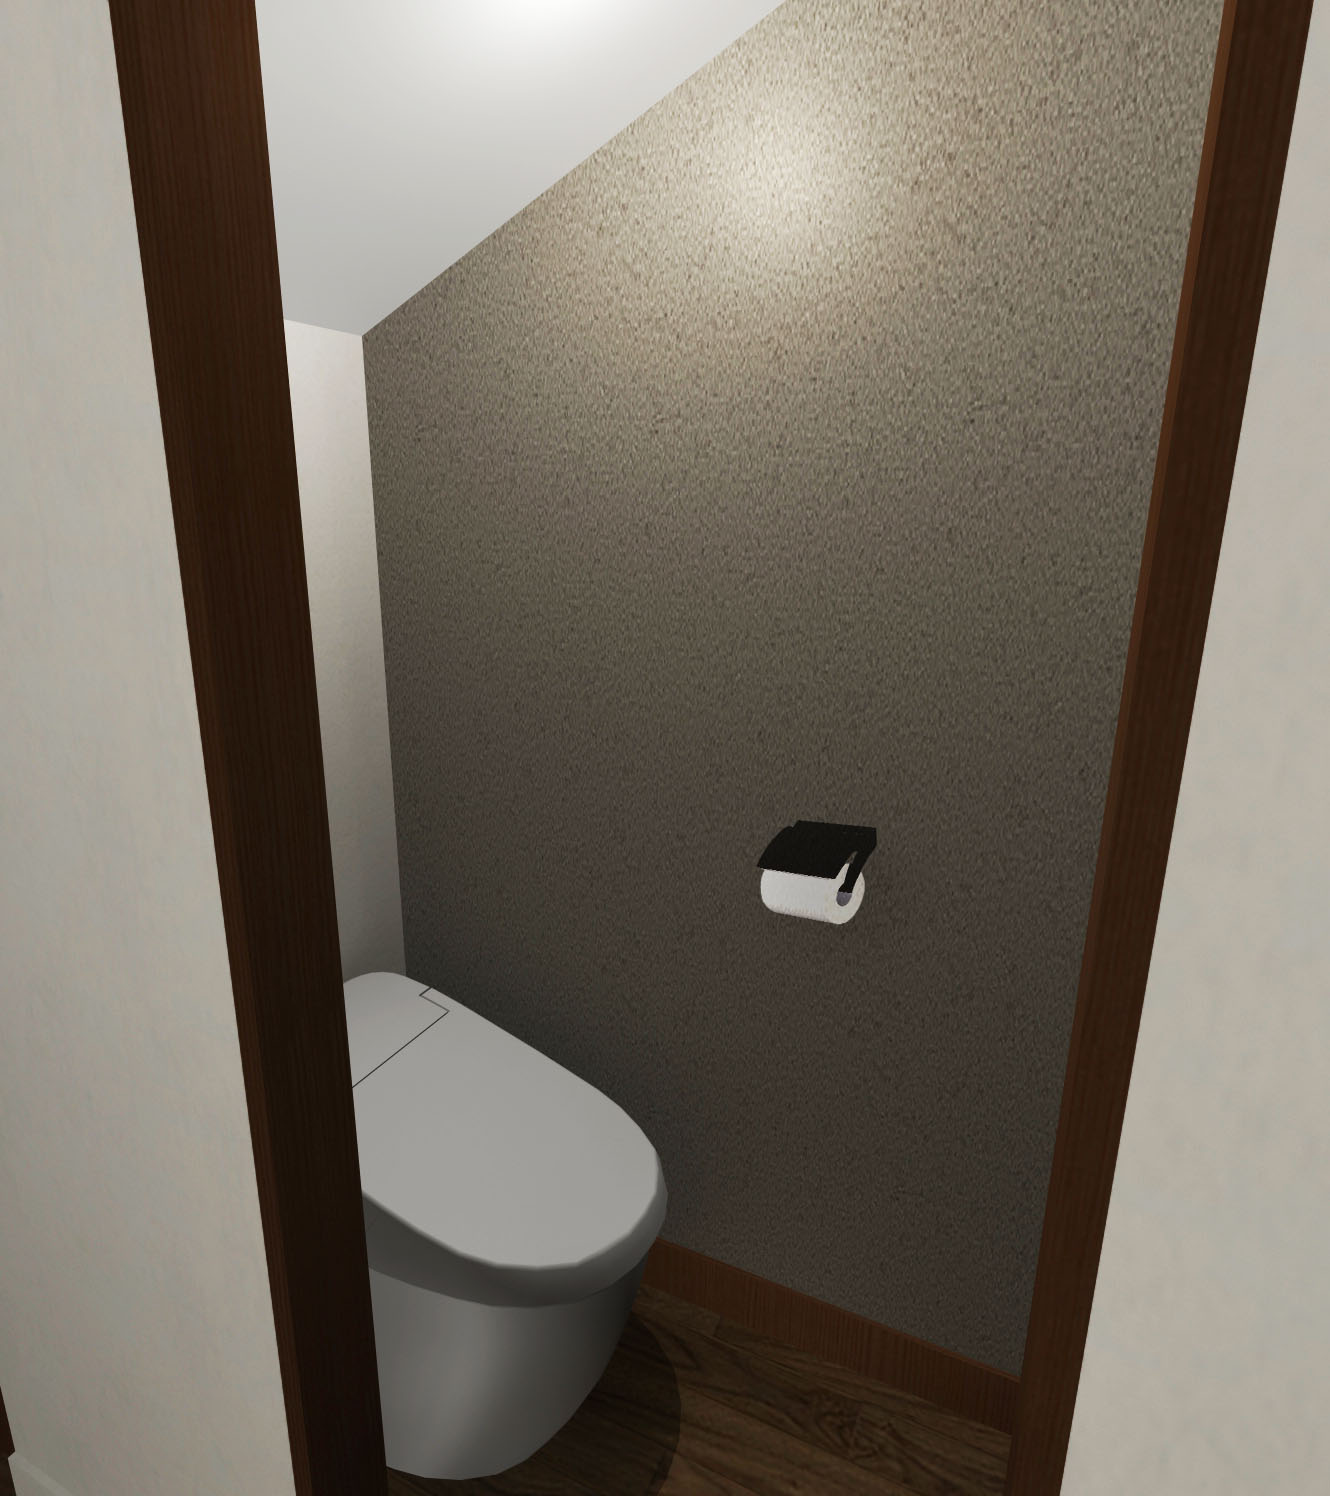 綺麗めモダンな内装壁紙トイレ